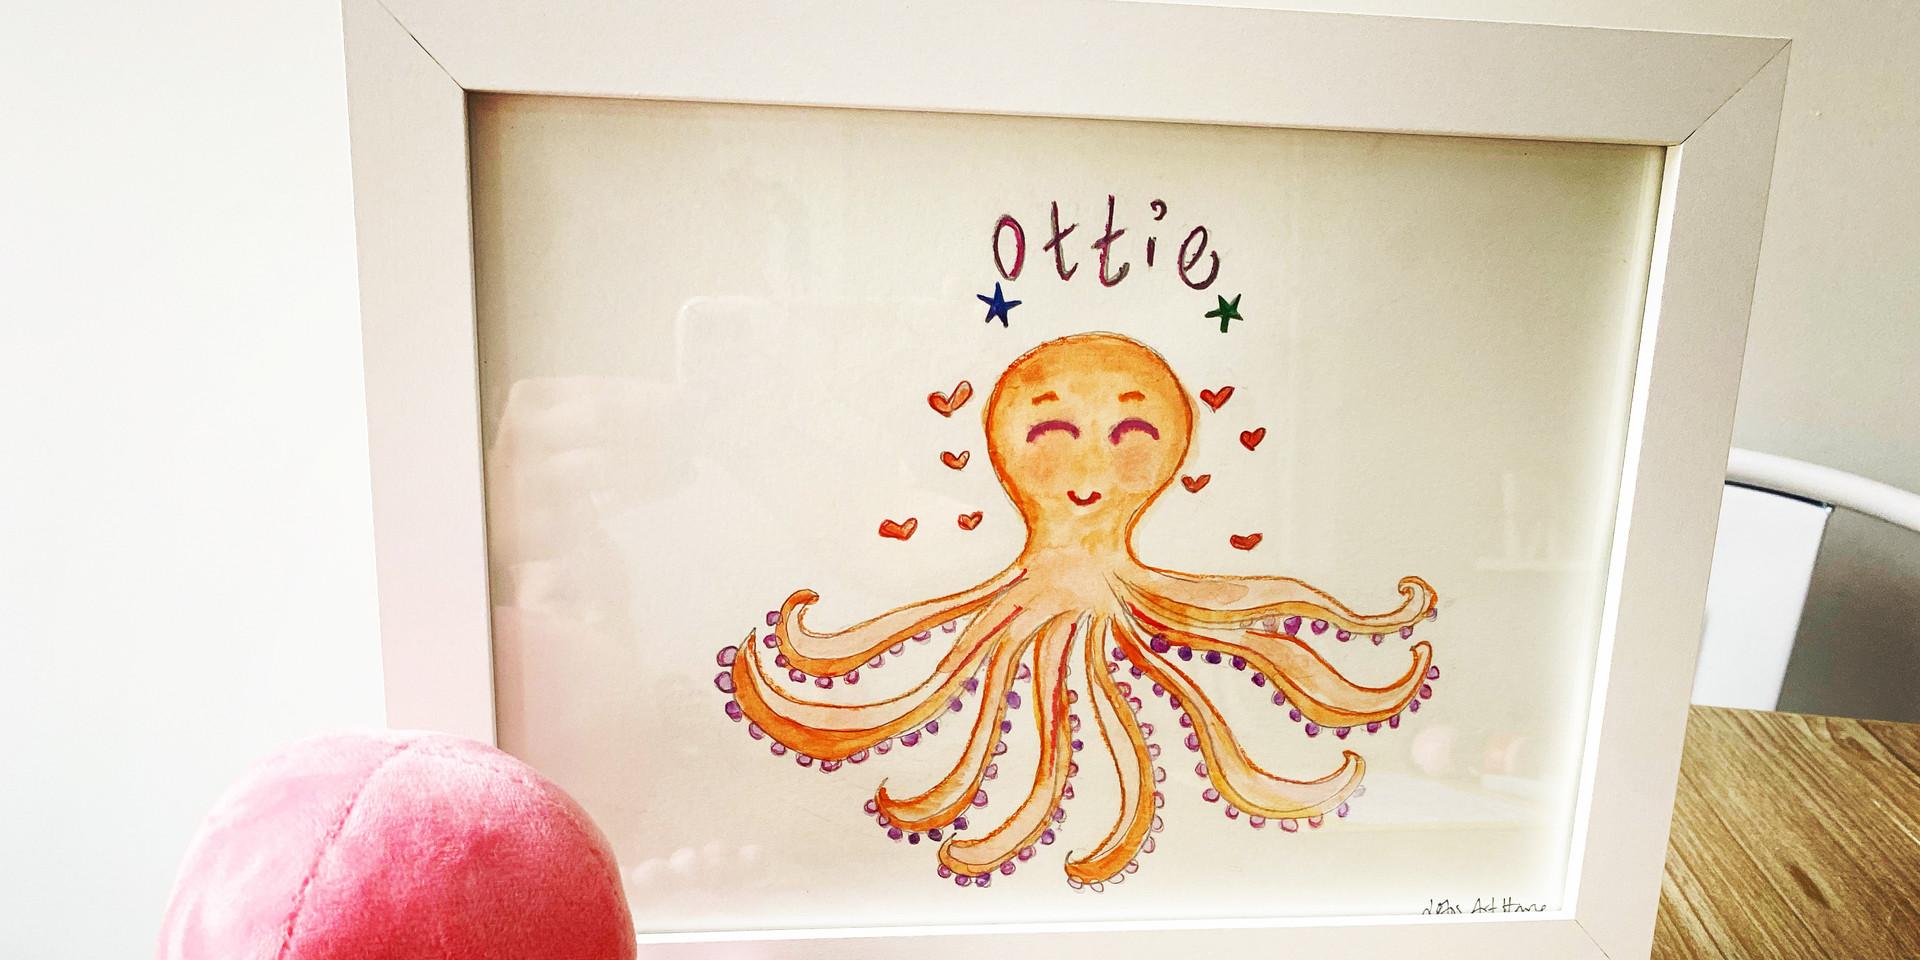 Ottie the Octopus